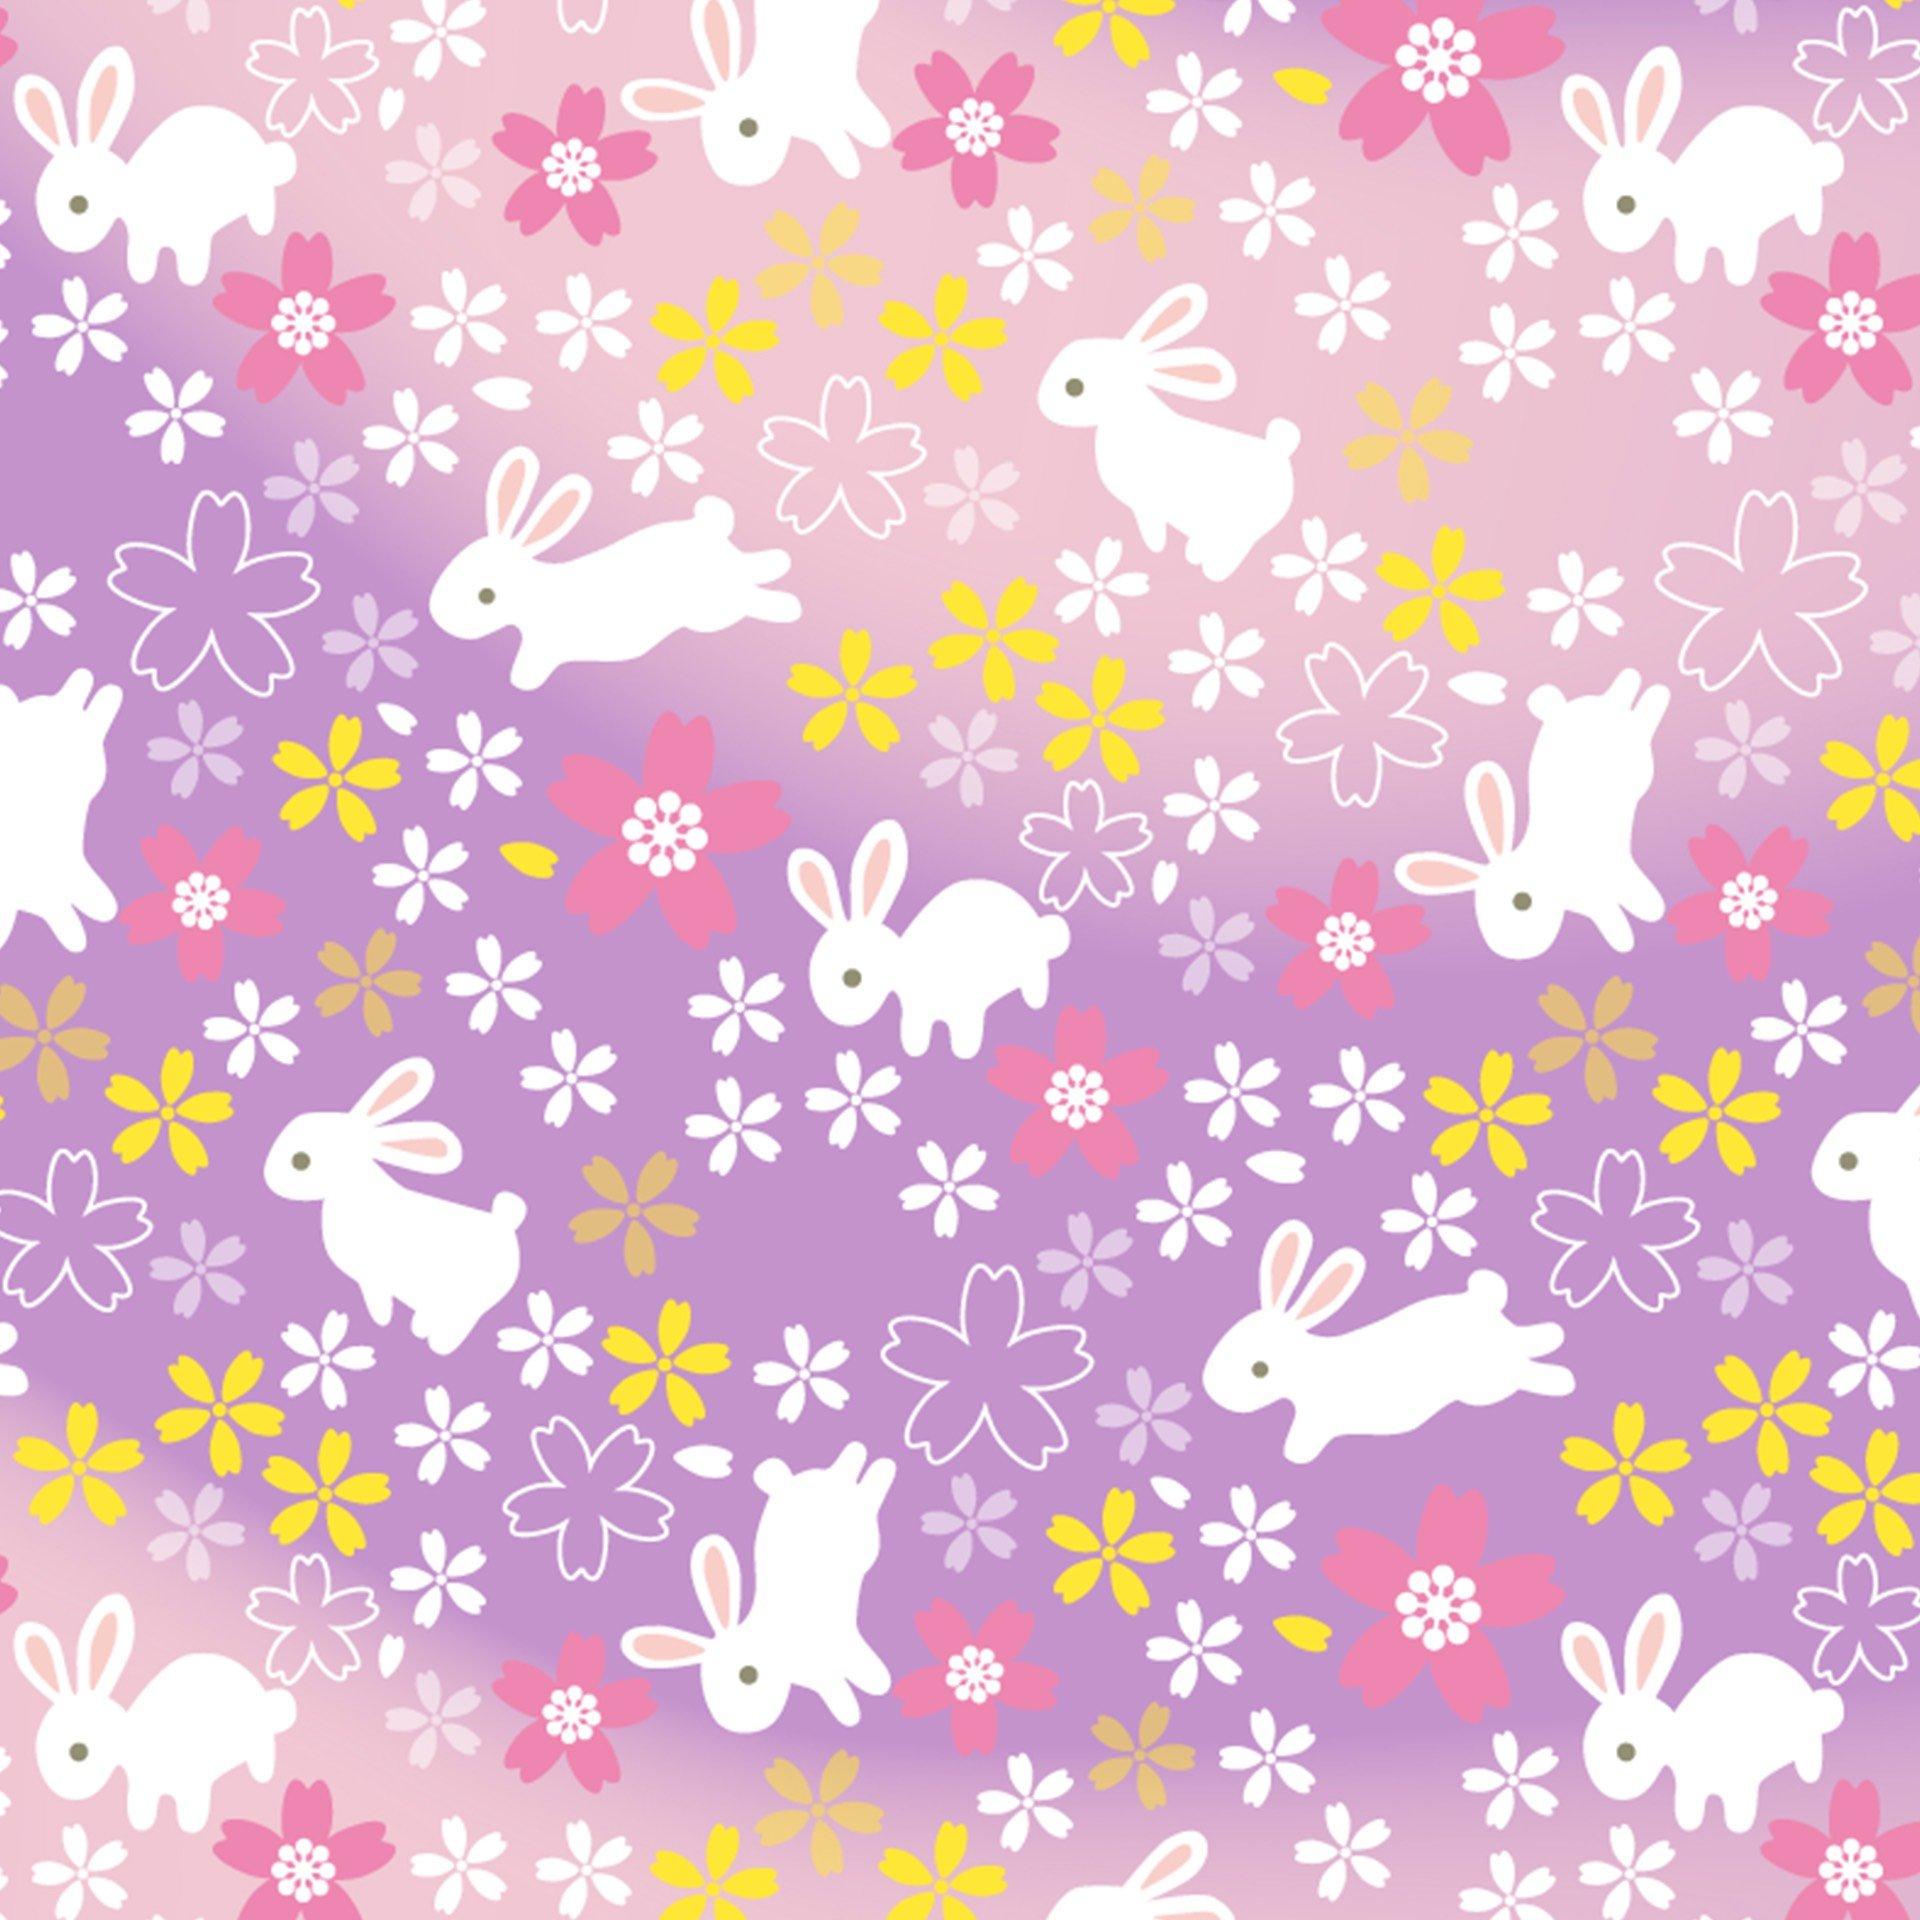 Bunny Rabbits Origami Paper - Gradients - Paper Kawaii Shop - photo#8